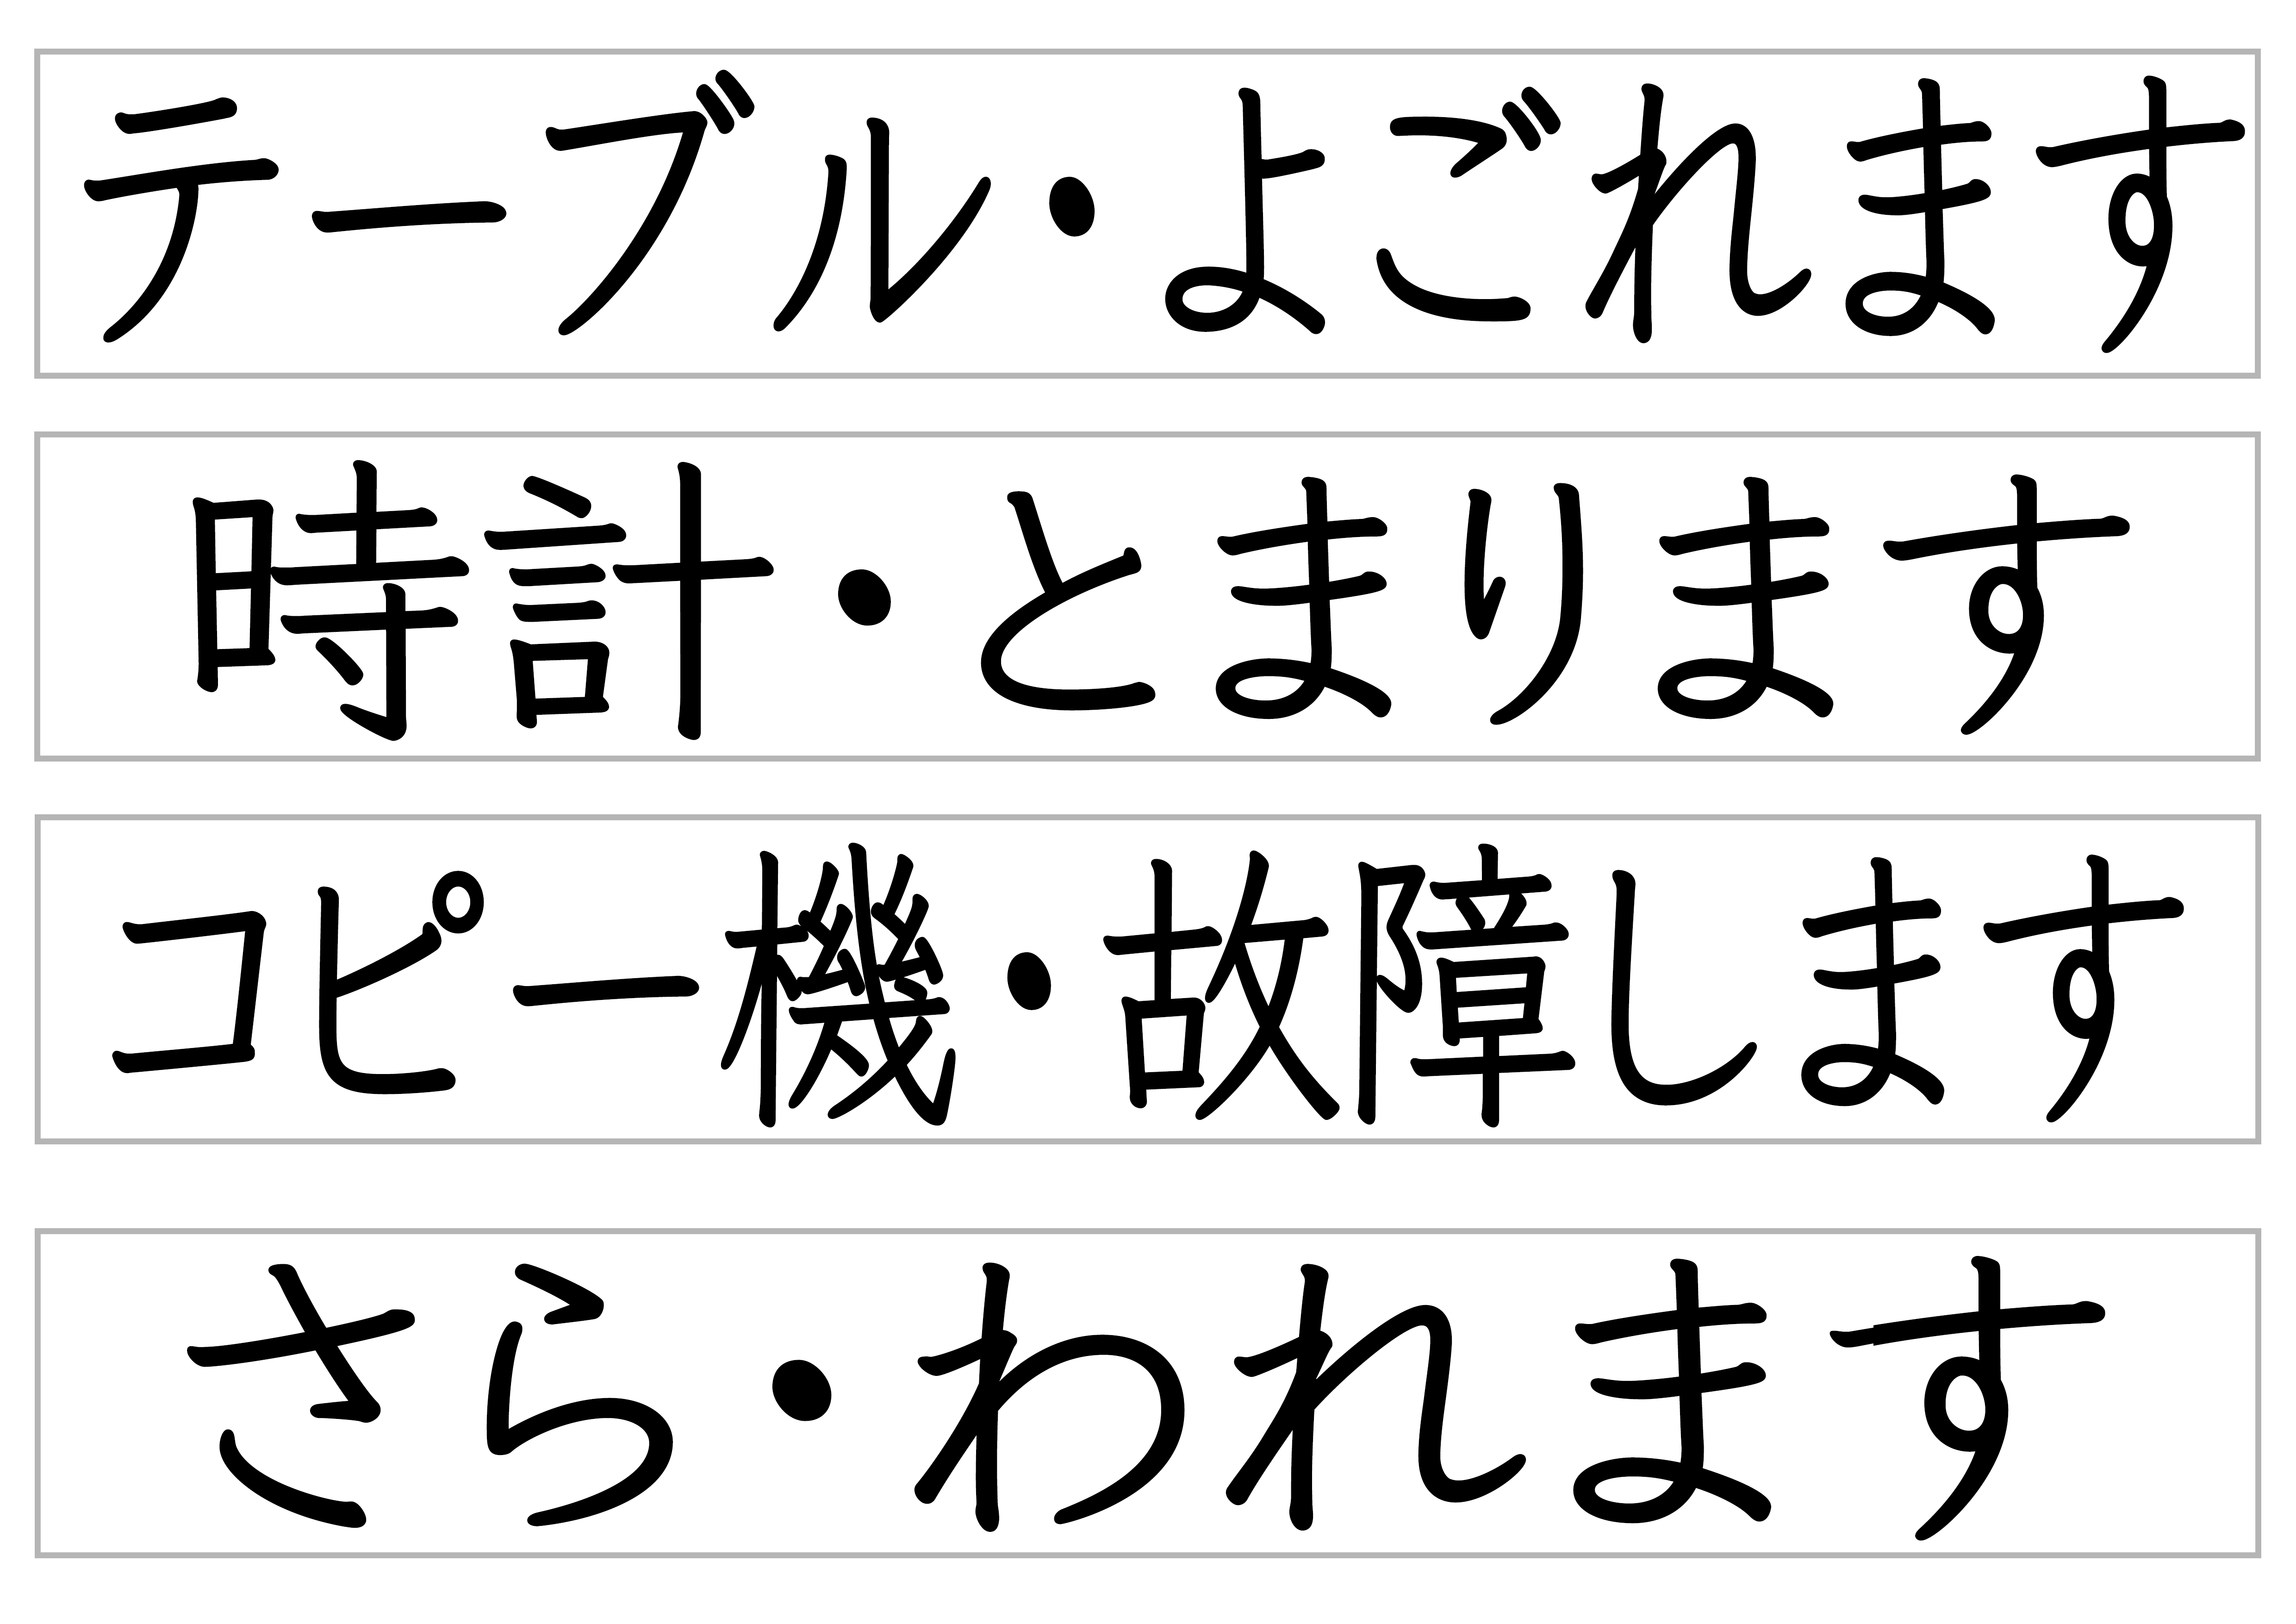 みんなの日本語29課文字カード